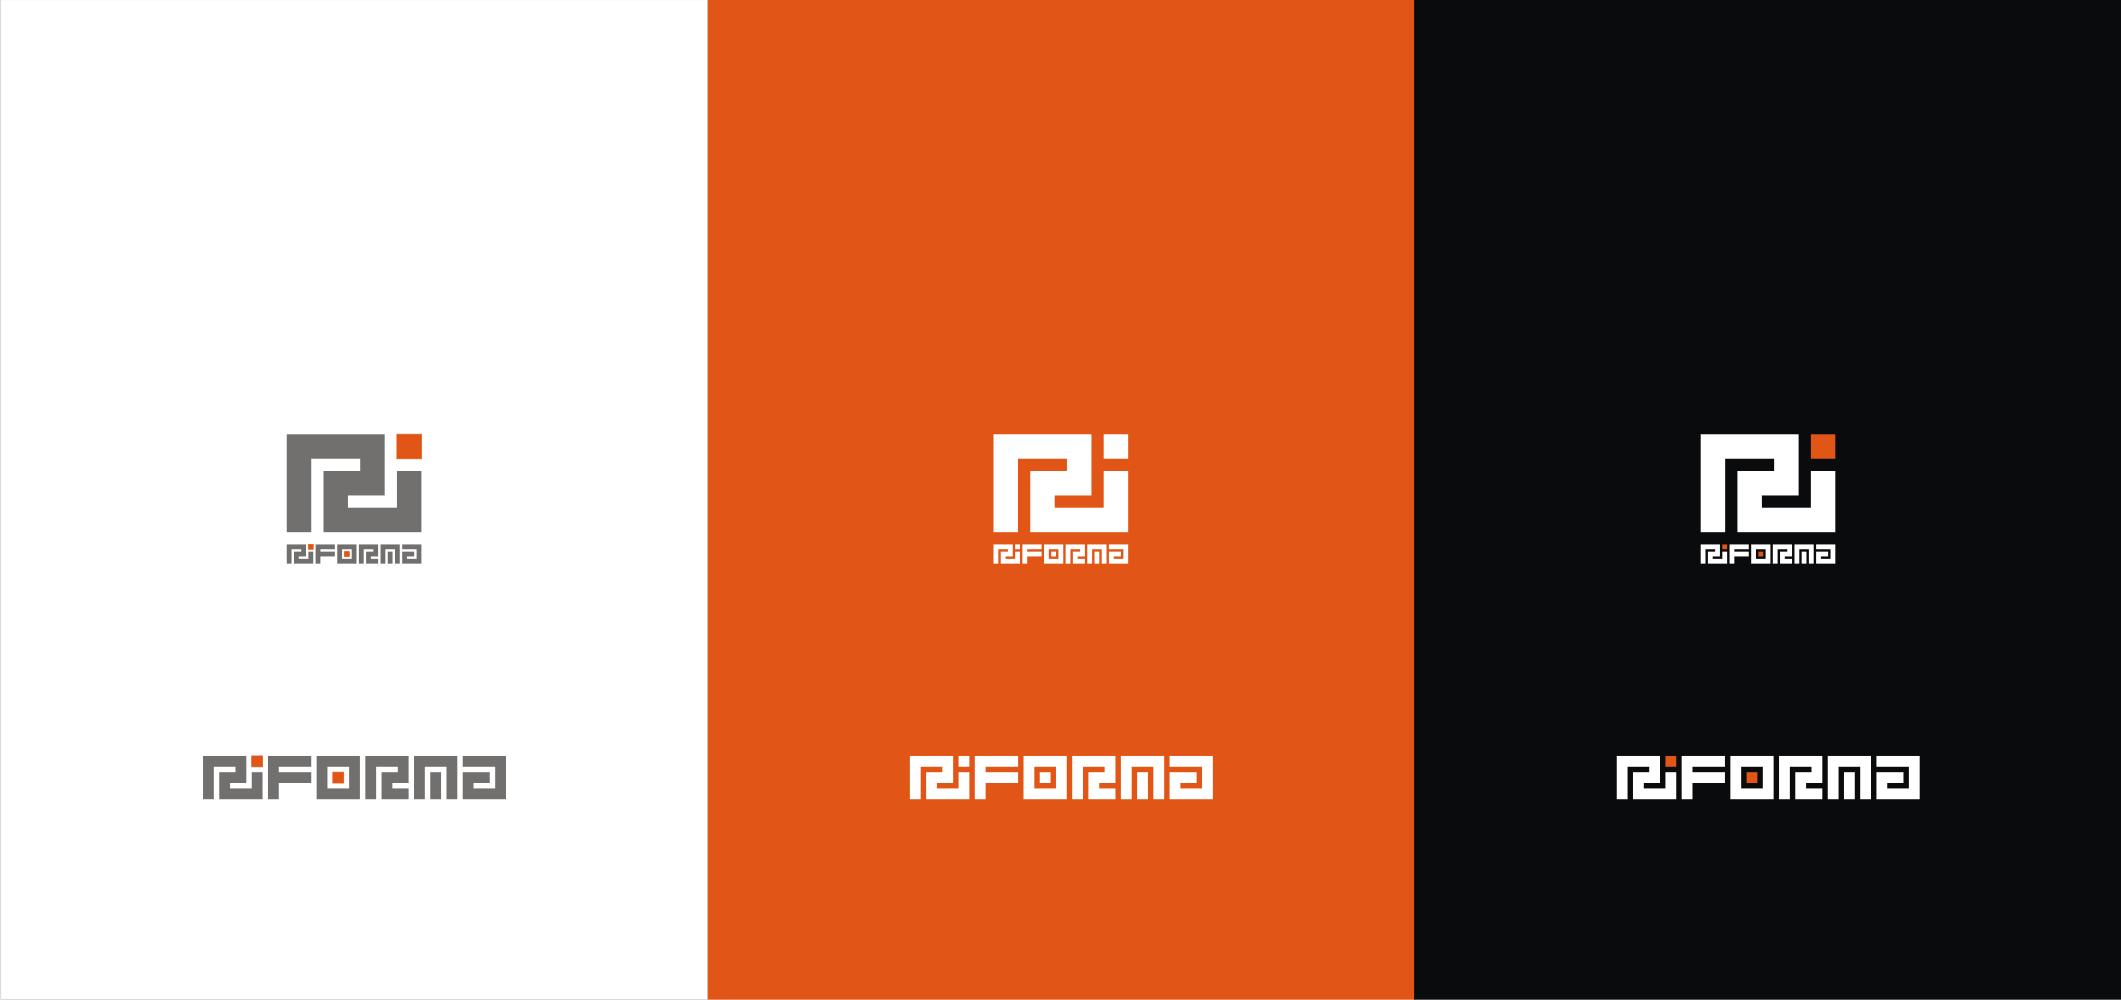 Разработка логотипа и элементов фирменного стиля фото f_21357a3f7ab2fc15.png